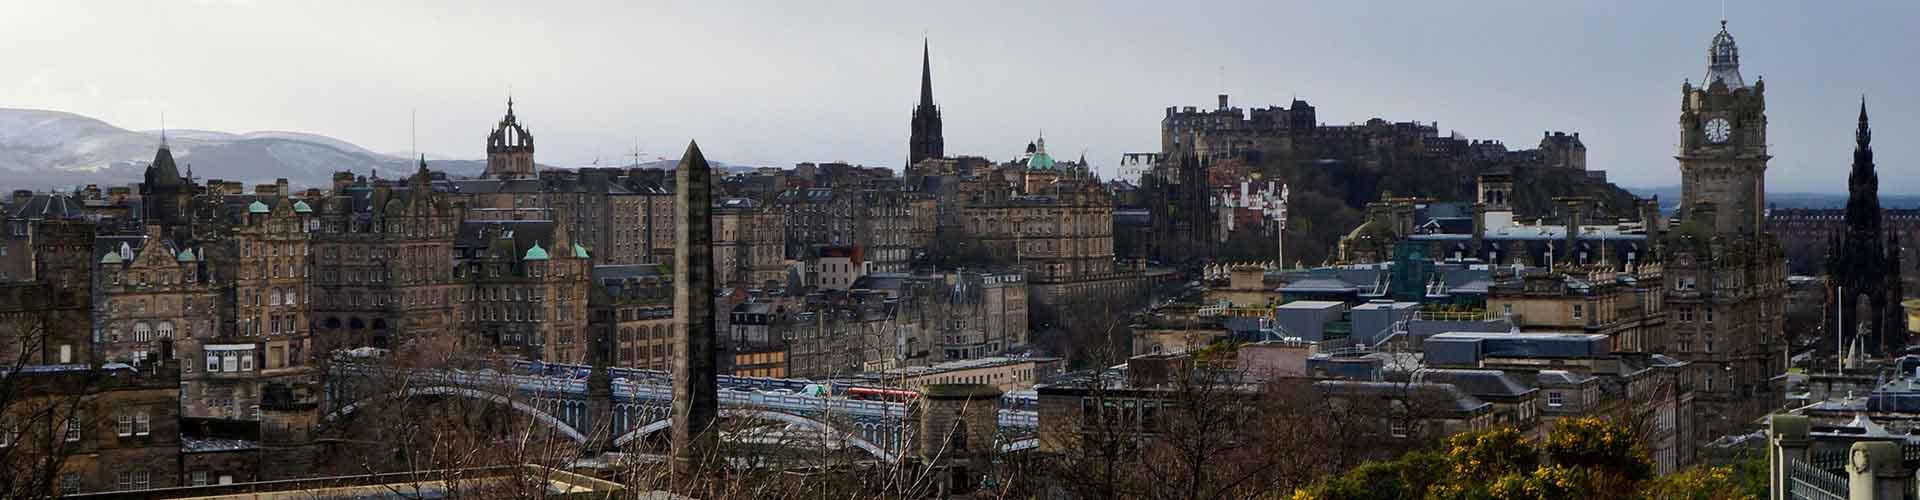 Edimburgo - Campamentos en el distrito Dean. Mapas de Edimburgo, Fotos y comentarios de cada Campamento en Edimburgo.